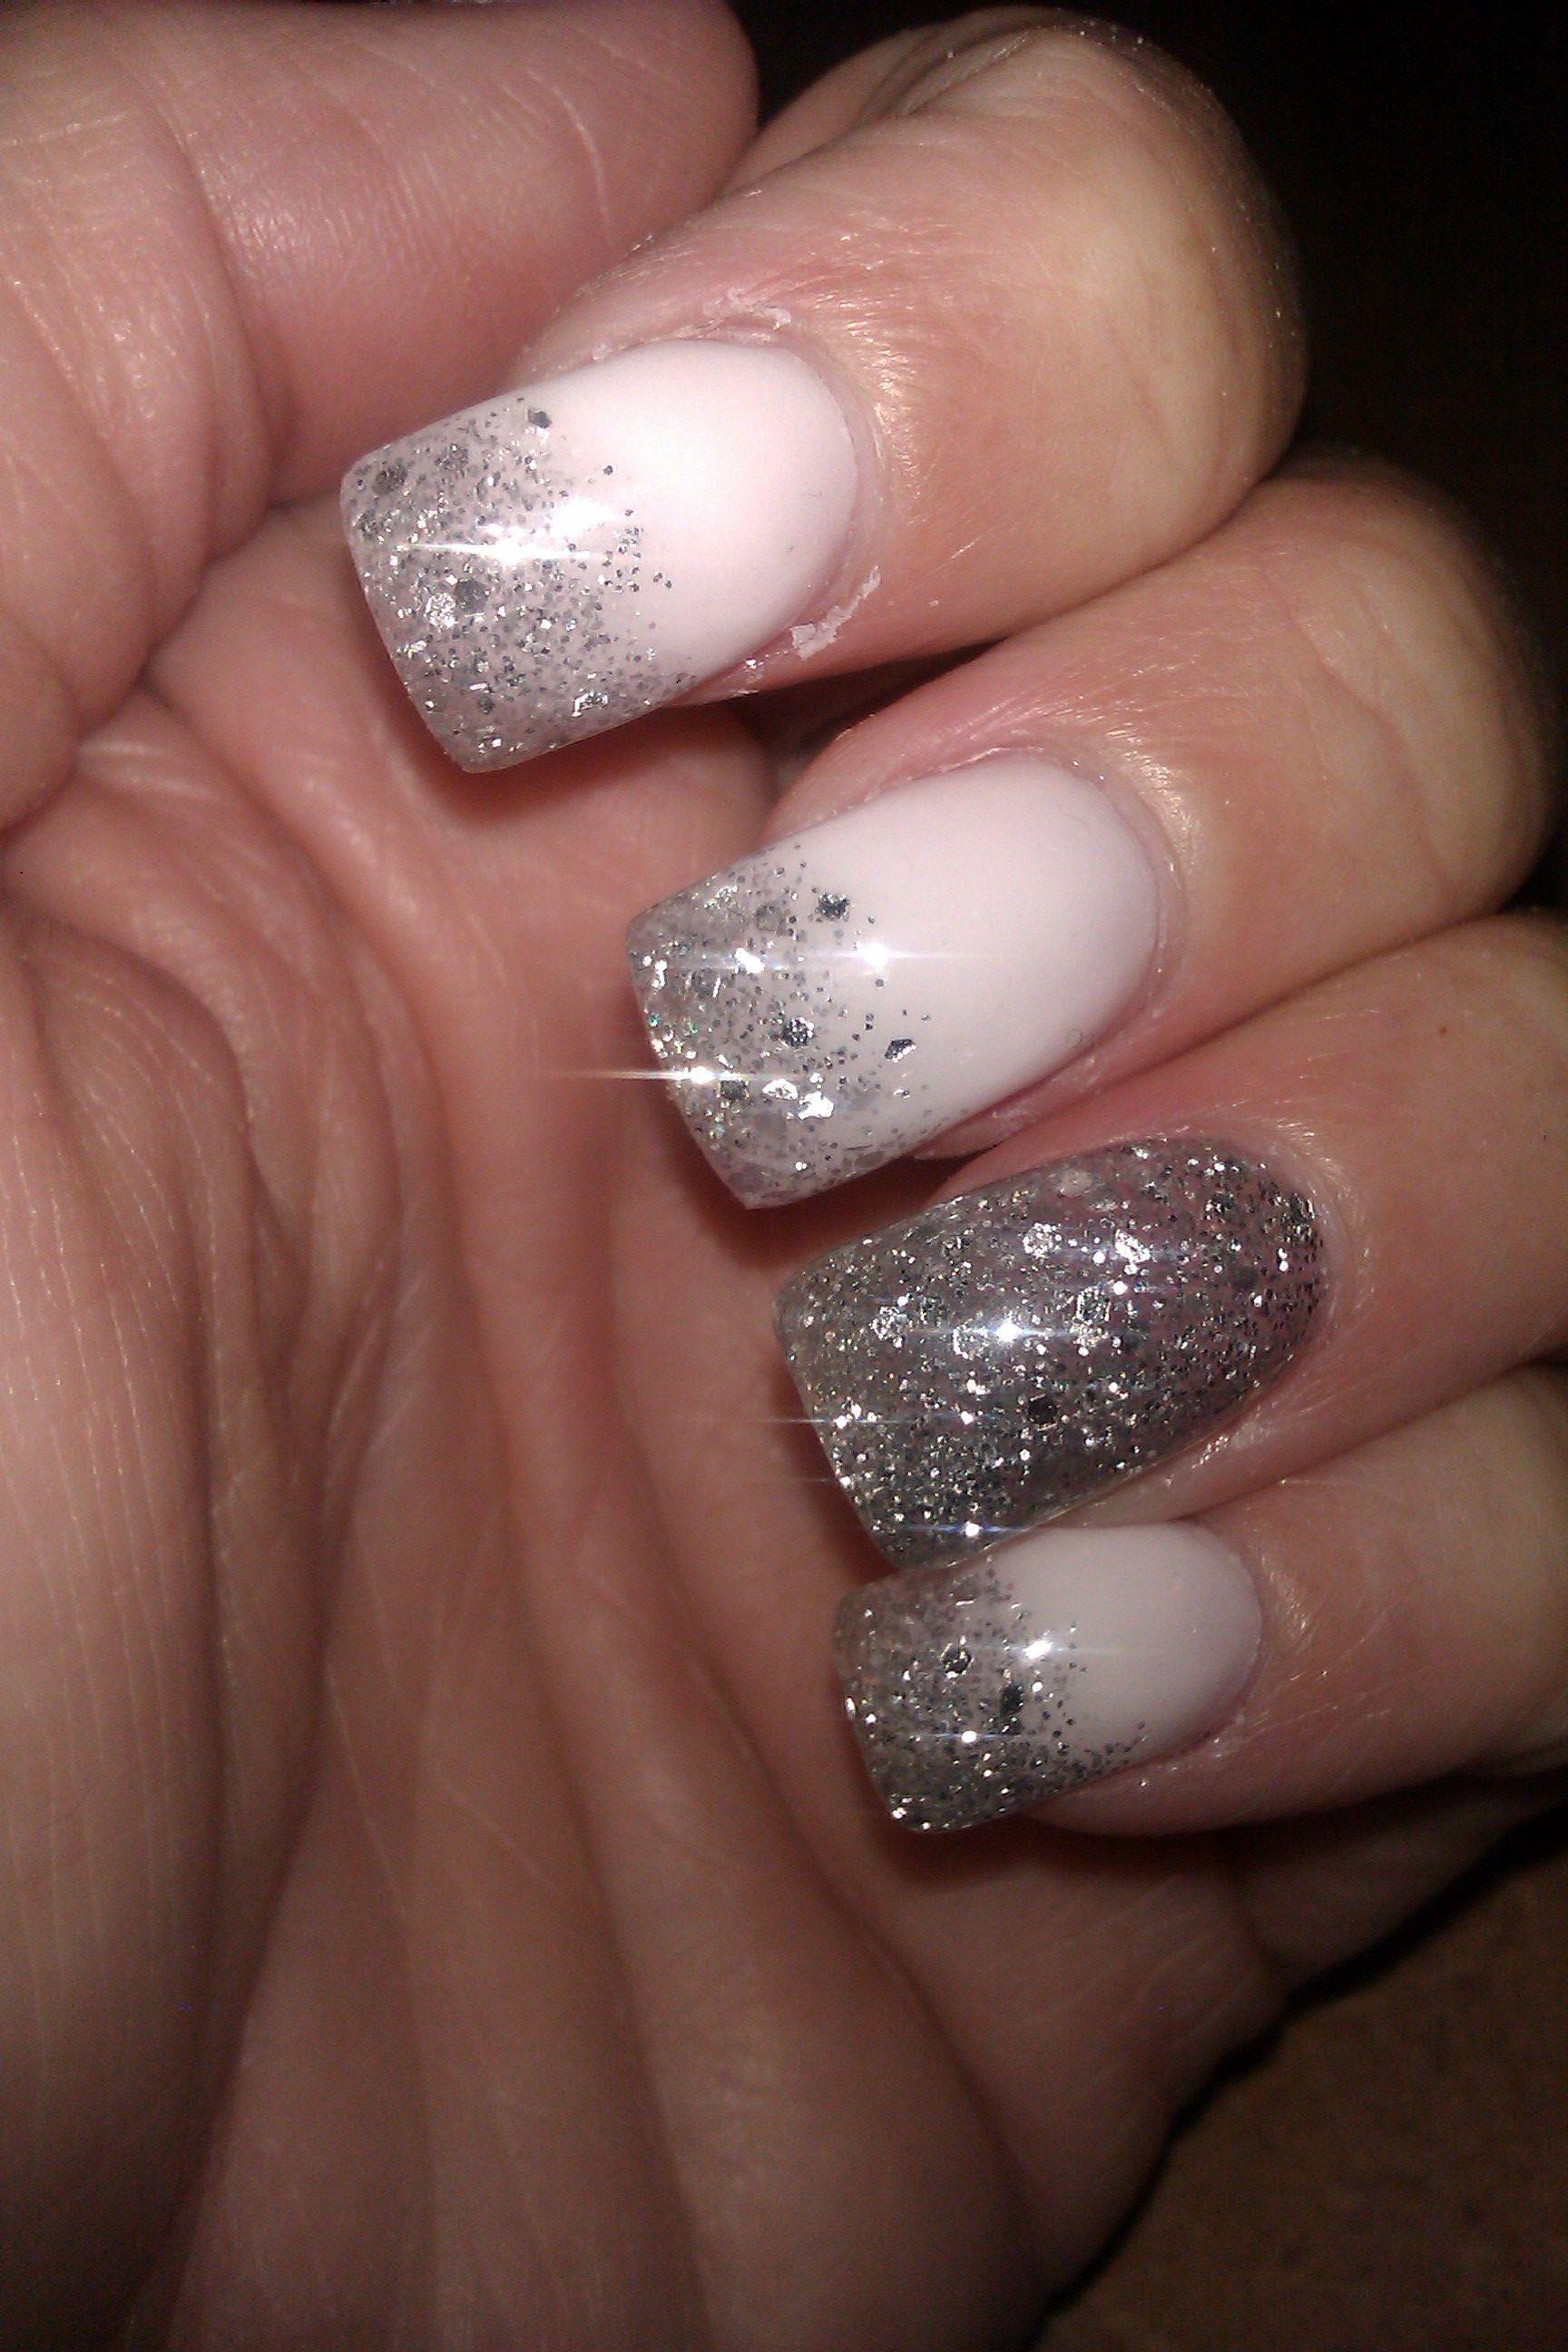 White Nails Silver Glitter Tips Envy Nails Woodbridge Nj The Best How To Do Nails Nails White Nails